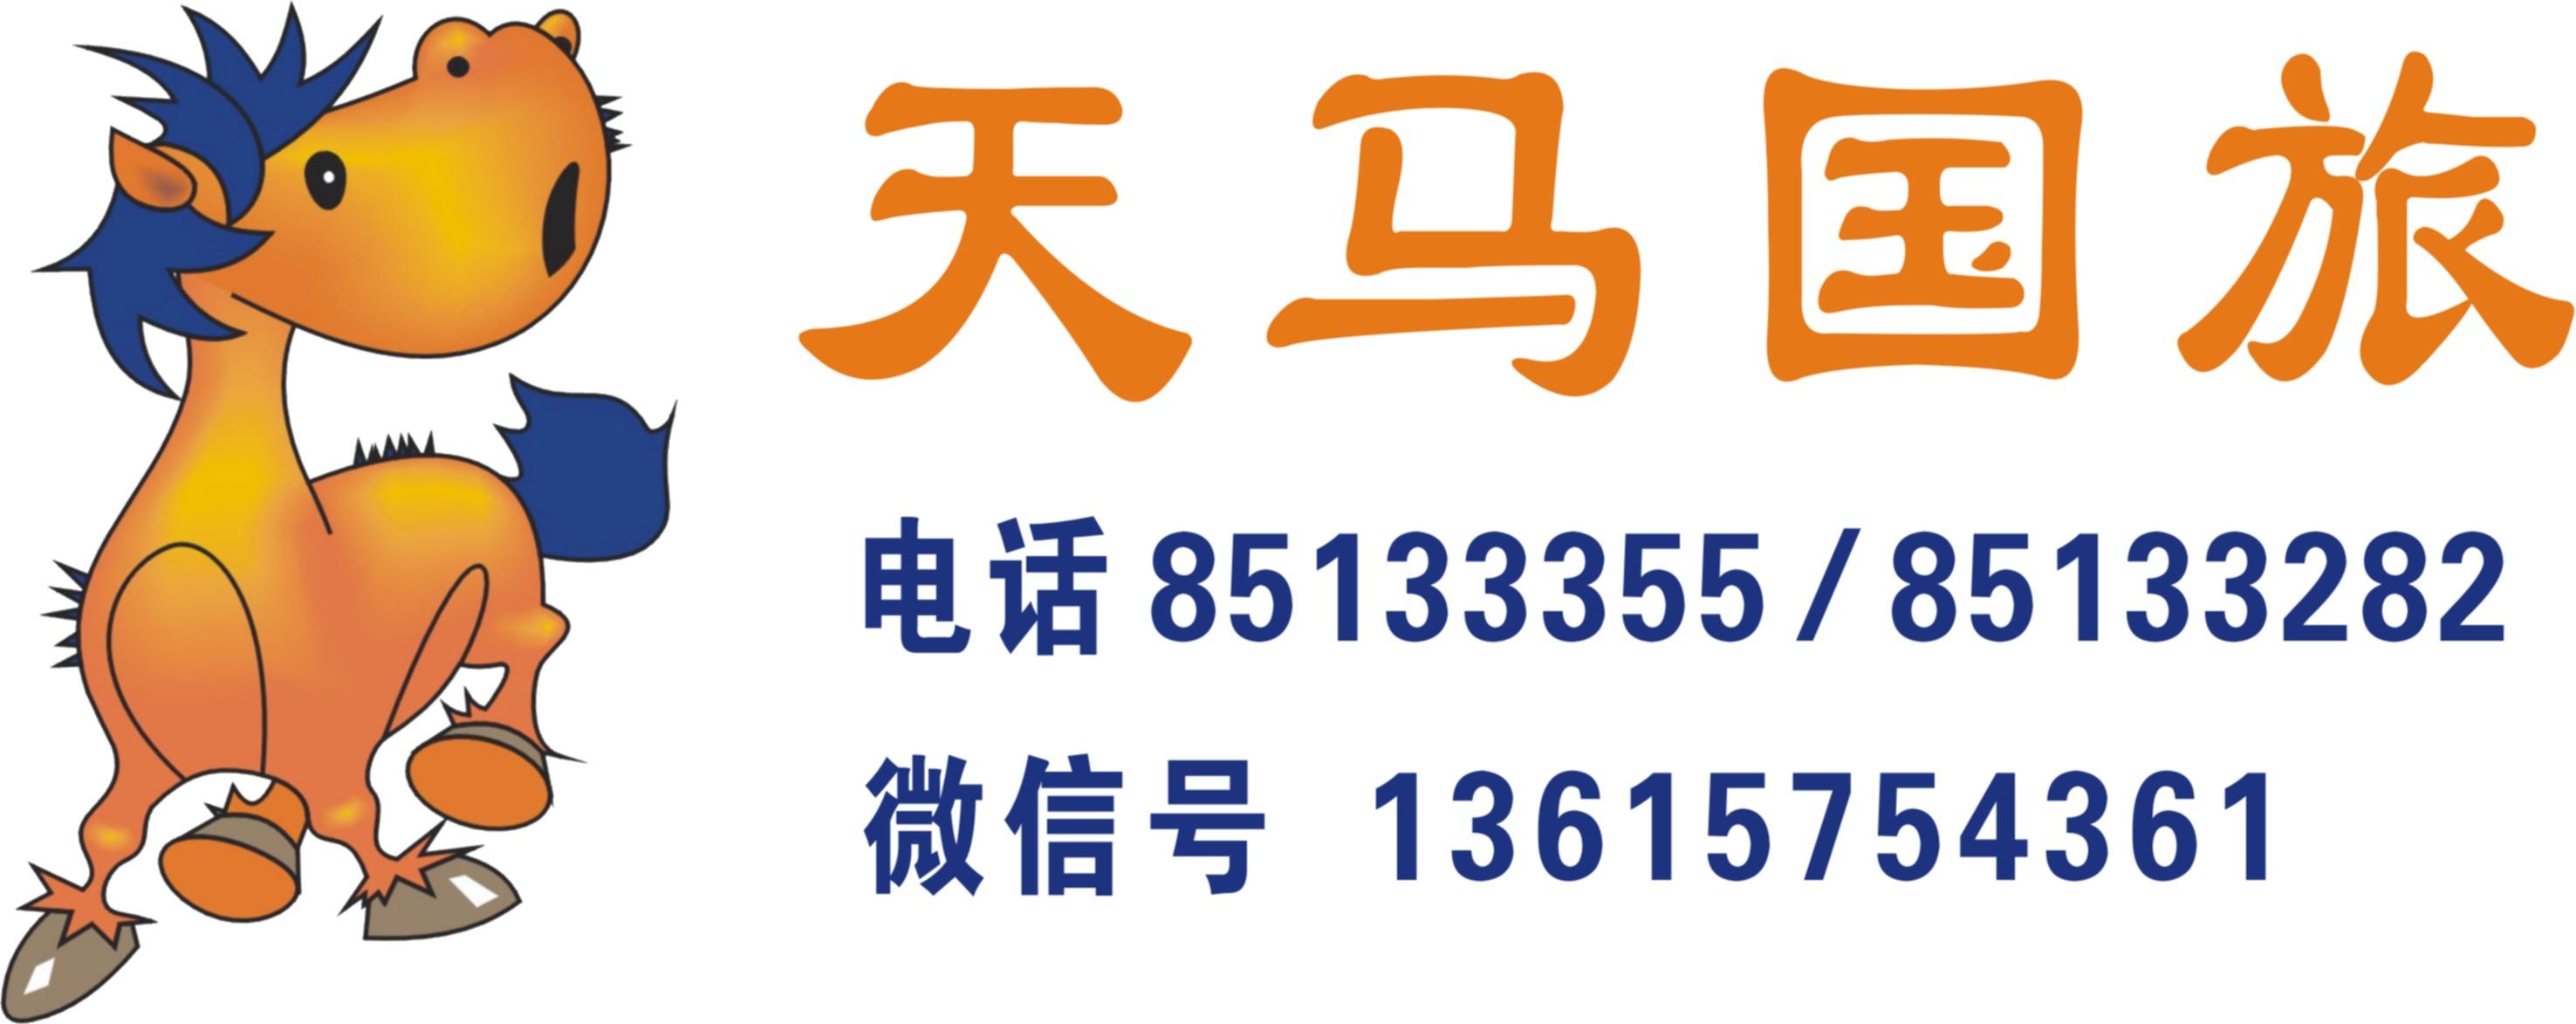 3月【帝都全景 北京高飞五日】网评四星酒店,经典景点全覆盖